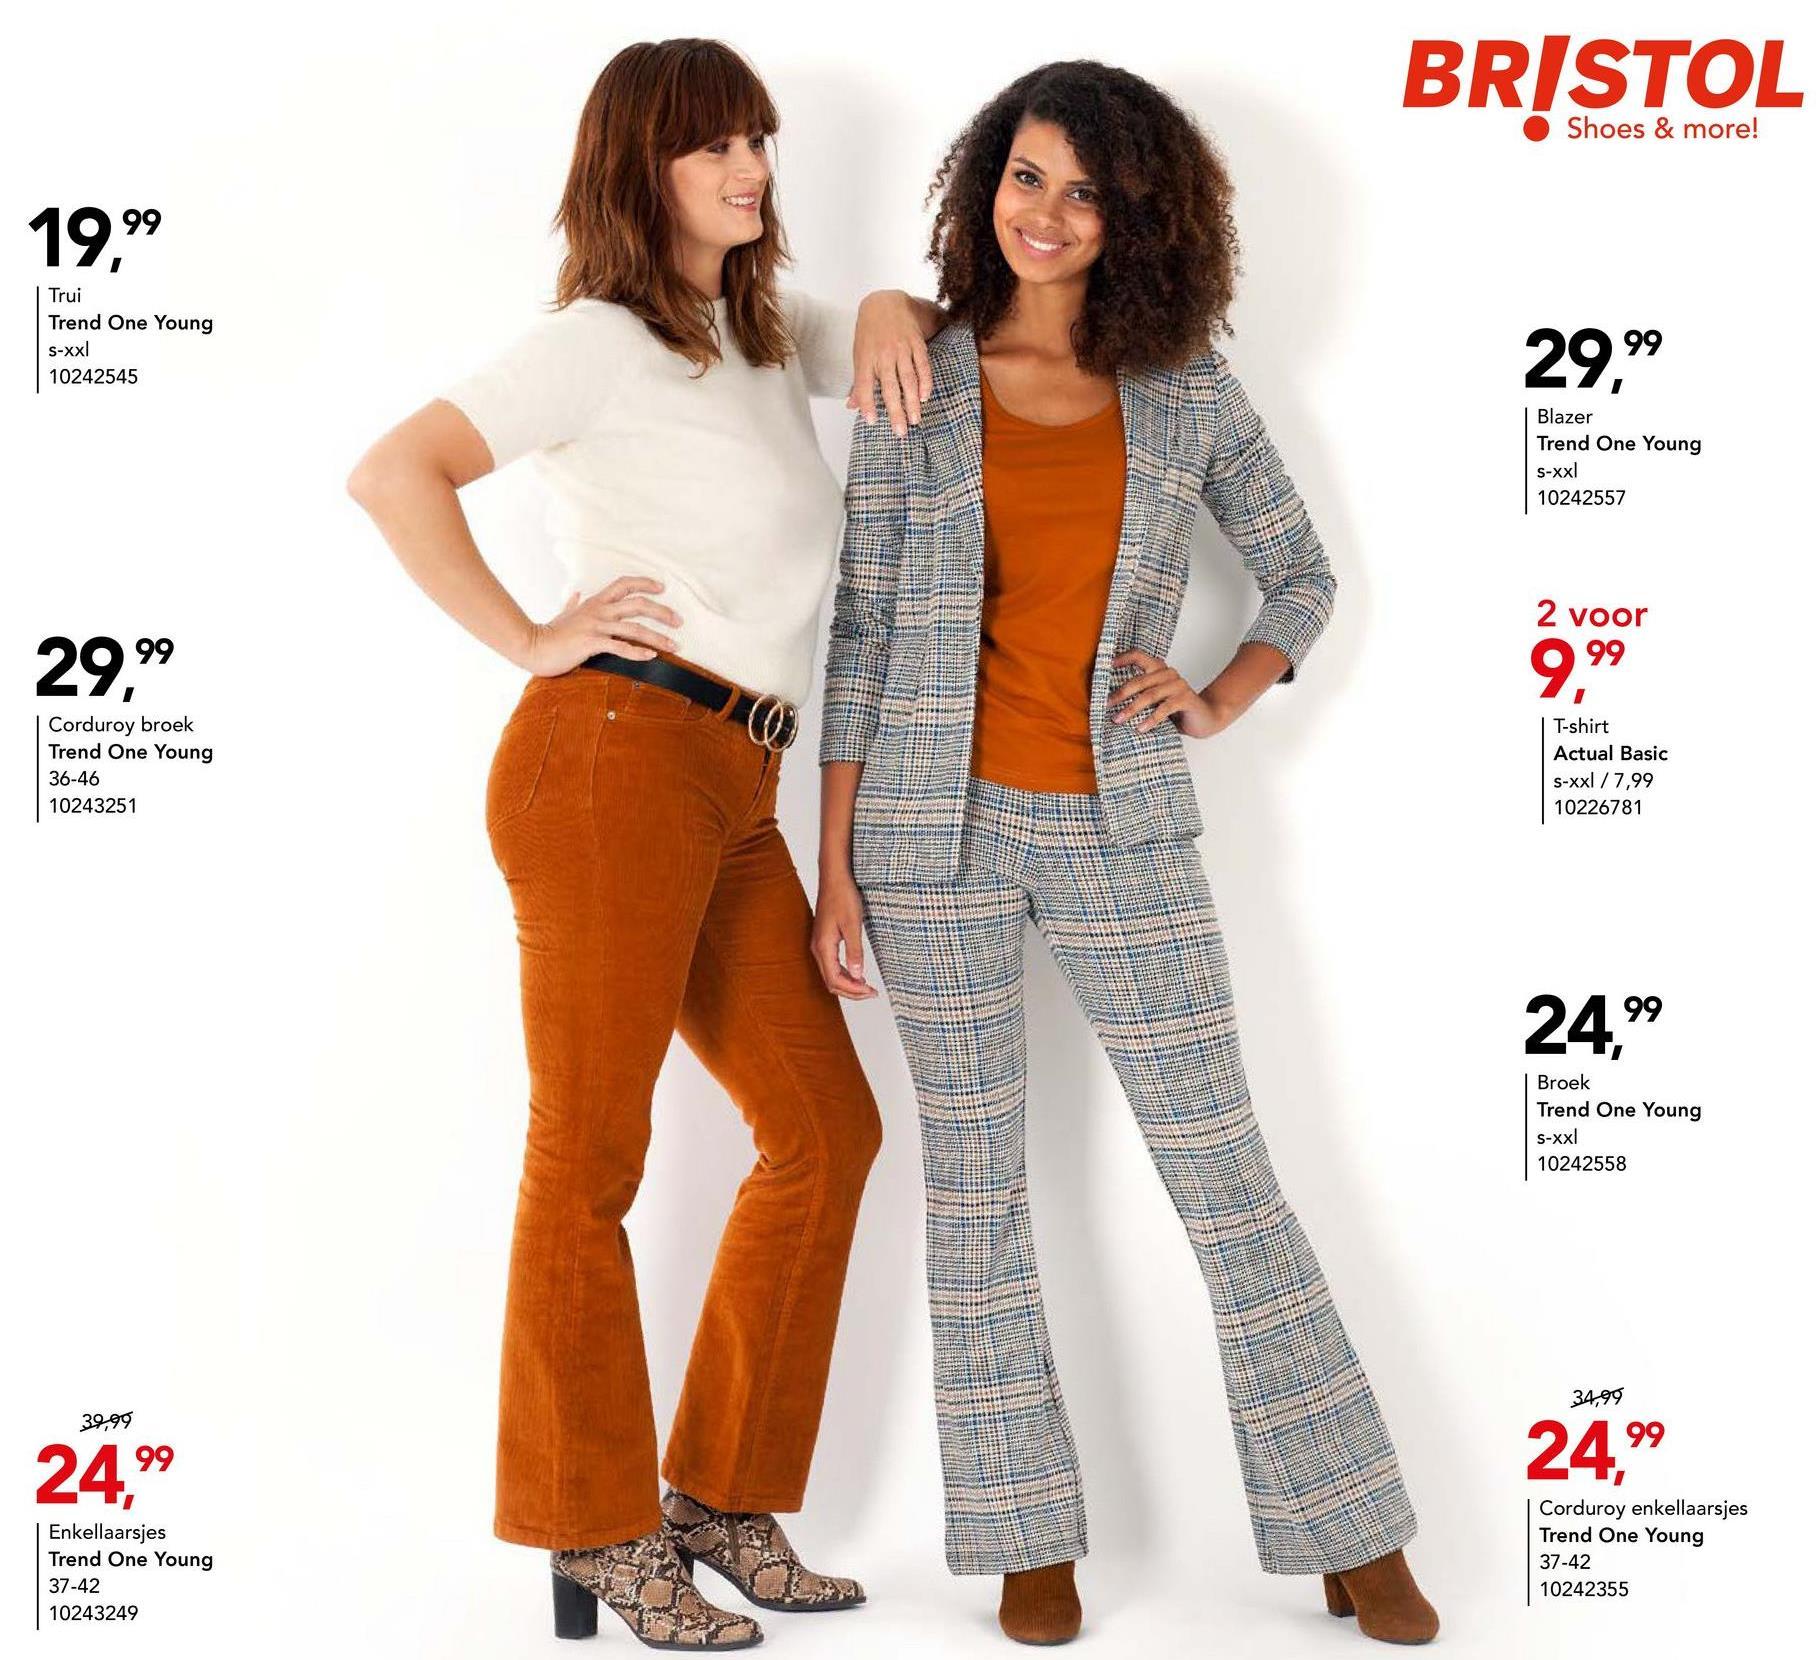 Enkellaars Trend One Young - Grijs Geklede enkellaarsjes met comfortabele blokhak en makkelijke ritssluiting van het merk Trend One Young voor vrouwen.